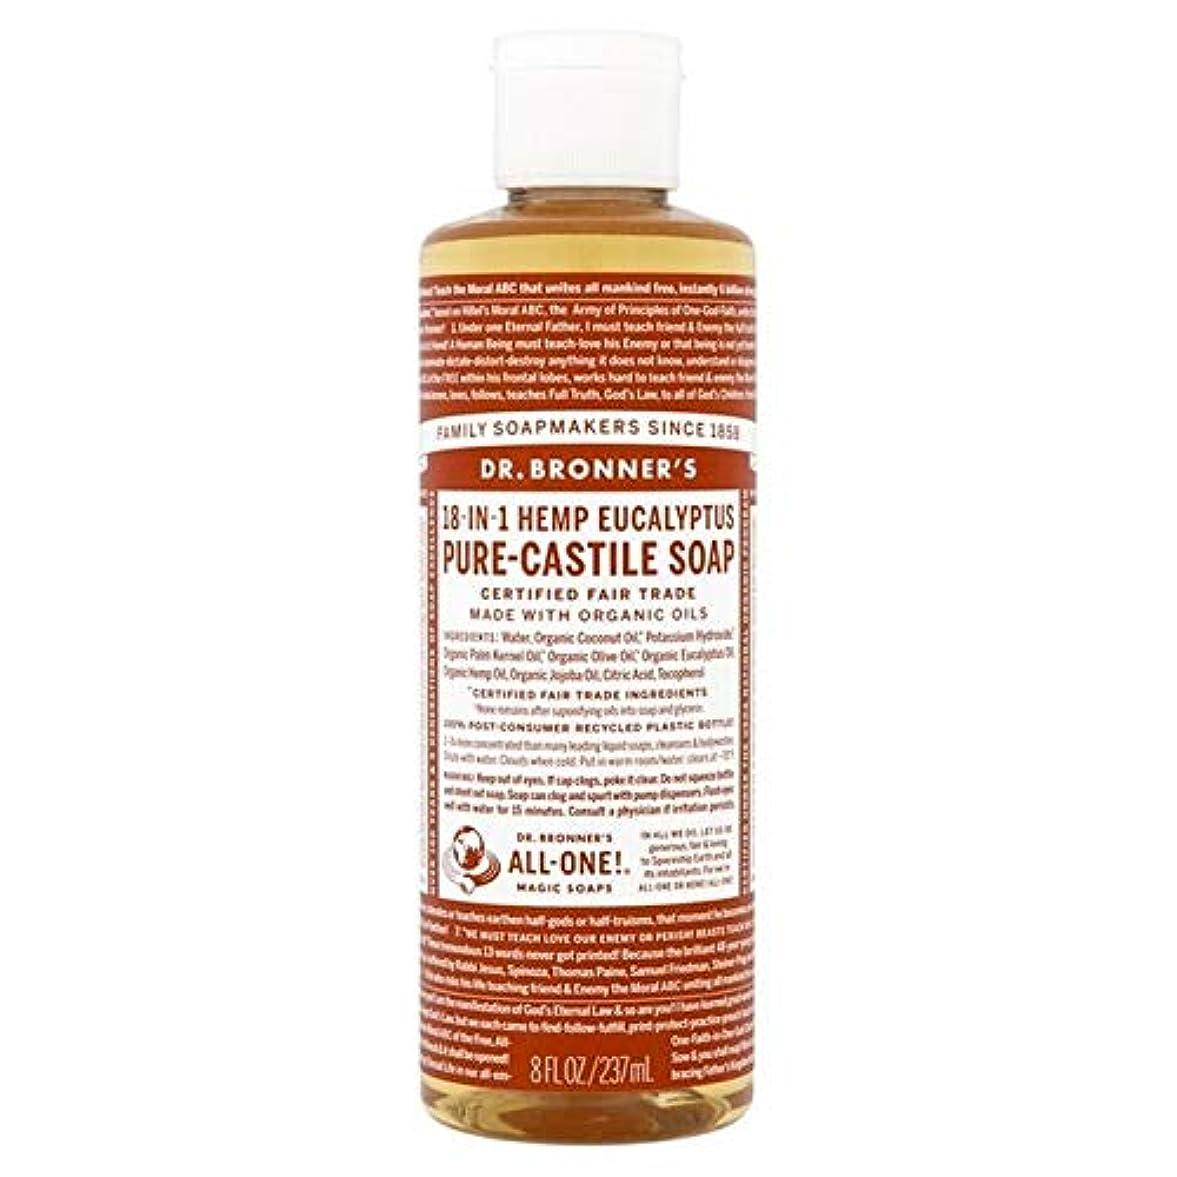 問い合わせ柔和最初[Dr Bronner] Dr。ブロナーズ有機ユーカリの純粋な-カスティーリャ液体石鹸237ミリリットル - Dr. Bronner's Organic Eucalyptus Pure-Castile Liquid Soap...